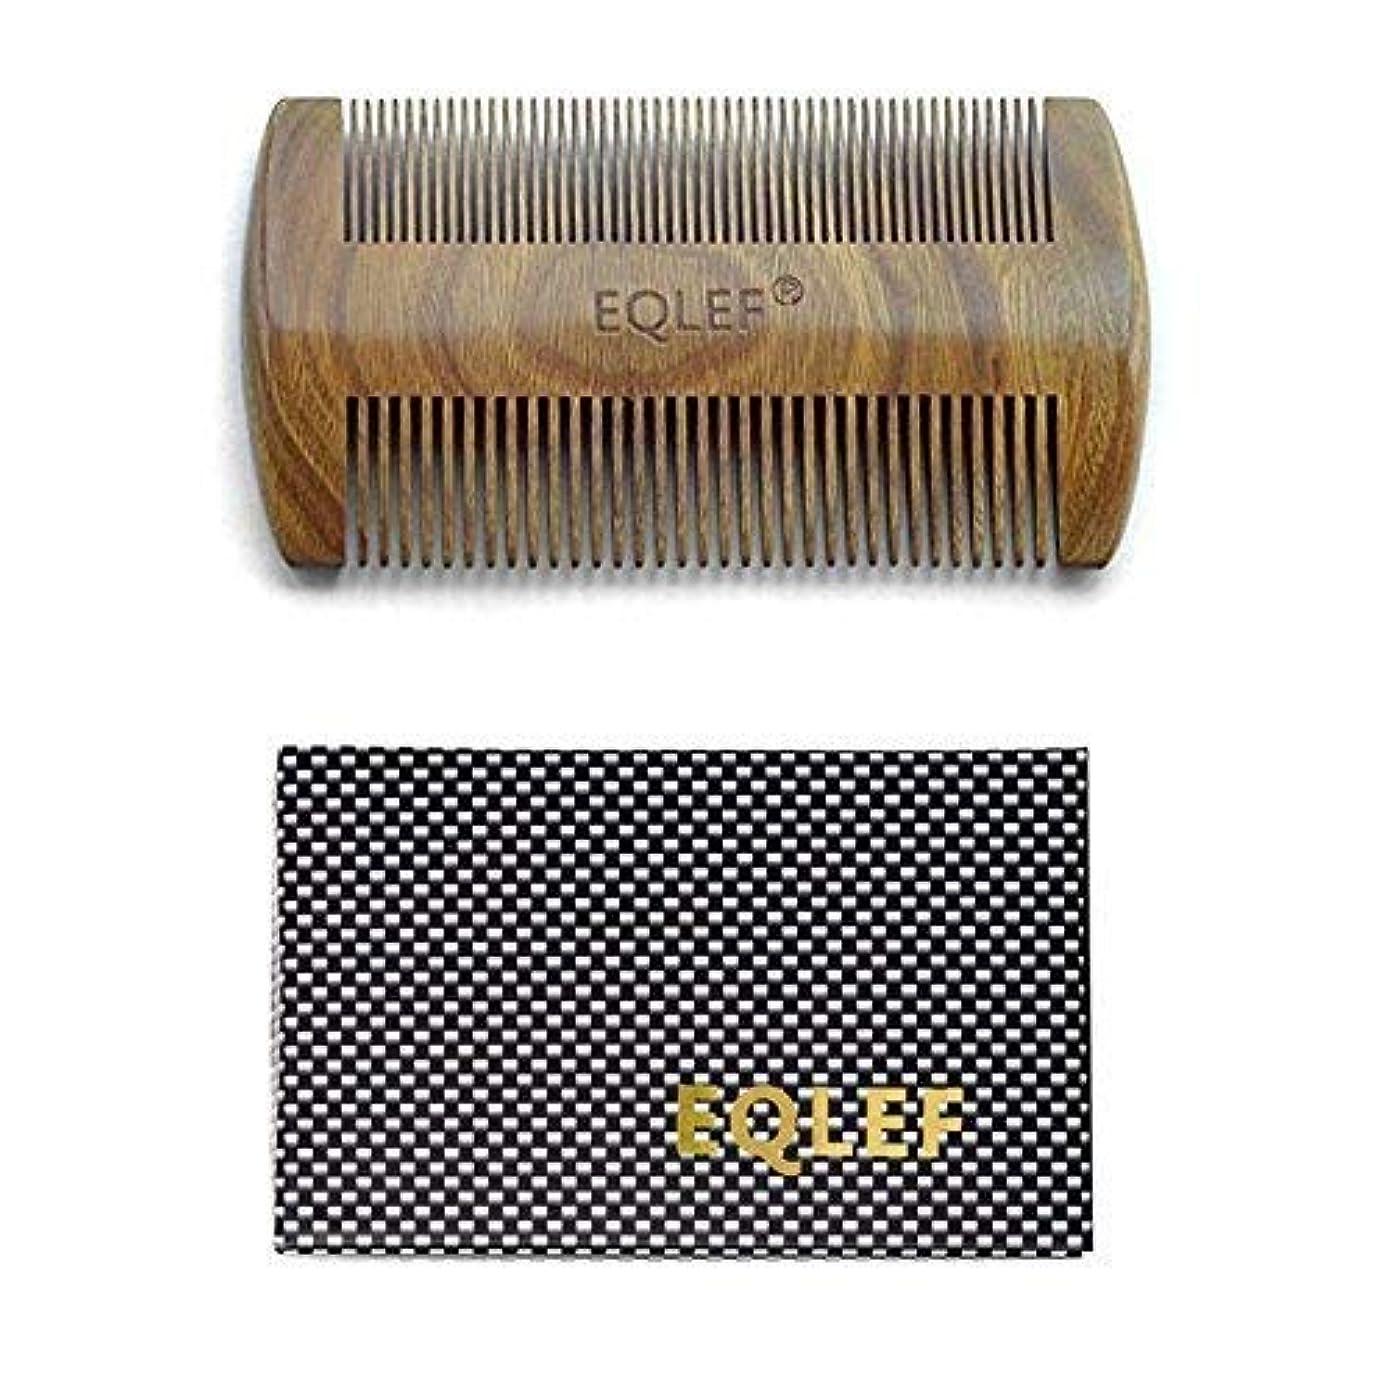 可動十代テロリストEQLEF? Green sandalwood no static handmade comb,Pocket comb (beard) [並行輸入品]